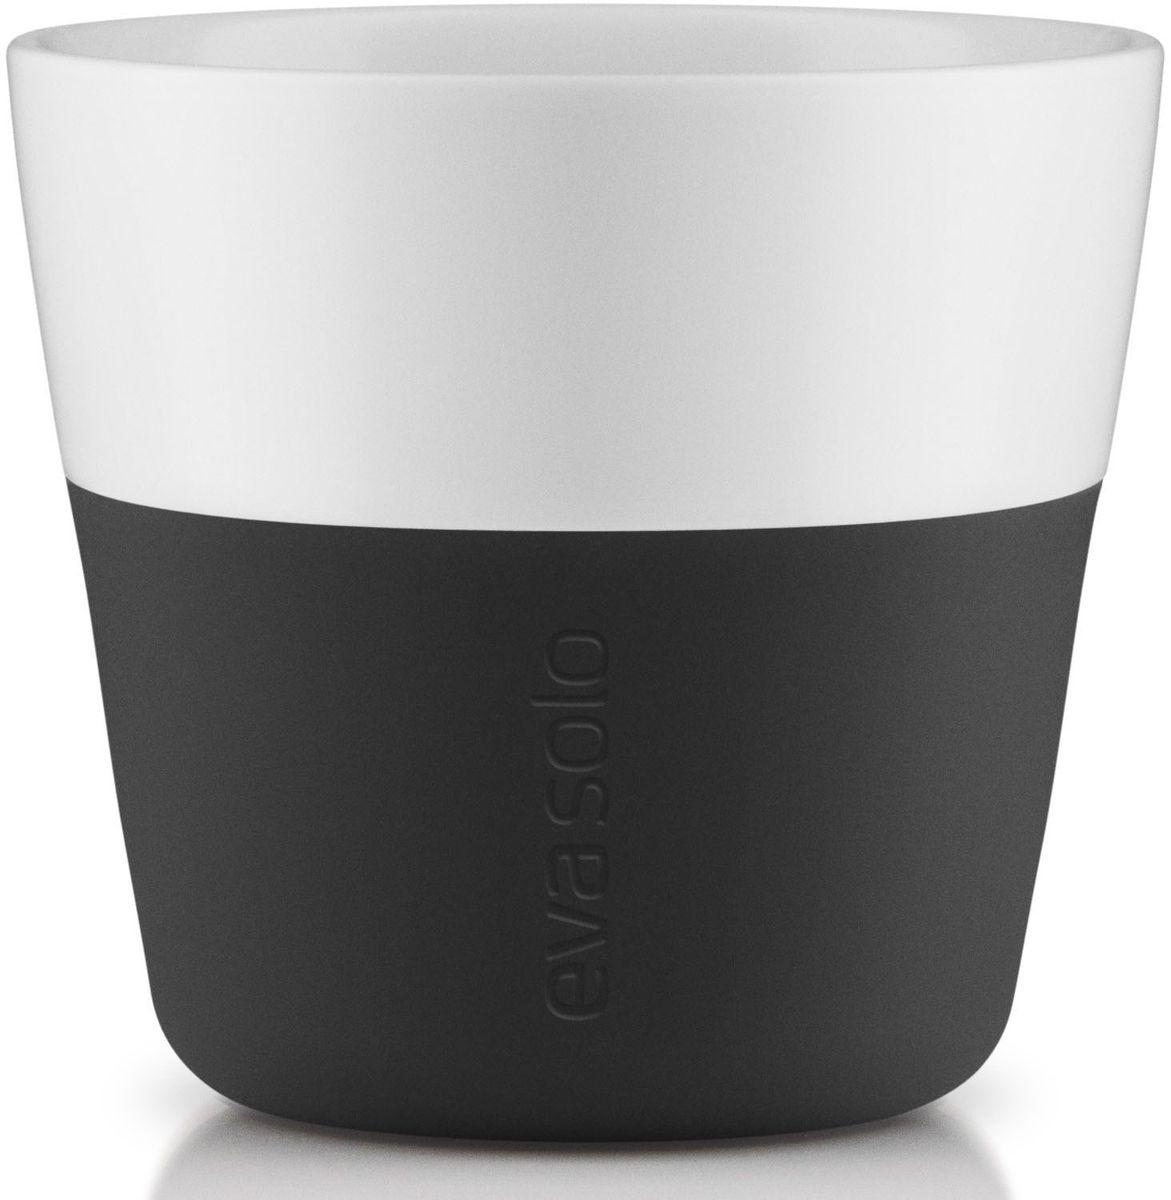 Чашки для лунго Eva Solo, 230 мл, 2 шт., цвет: черный501002Чашка для кофе лунго от Eva Solo рассчитана на 230 мл - оптимальный объем, а также стандарт для этого типа напитка у большинства кофе-машин. Чашка сделана из фарфора и имеет специальный силиконовый чехол, чтобы ее можно было держать в руках, не рискуя обжечь пальцы. Чехол легко снимается, и чашку можно мыть в посудомоечной машине. Умные и красивые предметы посуды от Eva Solo будут украшением любой кухни!